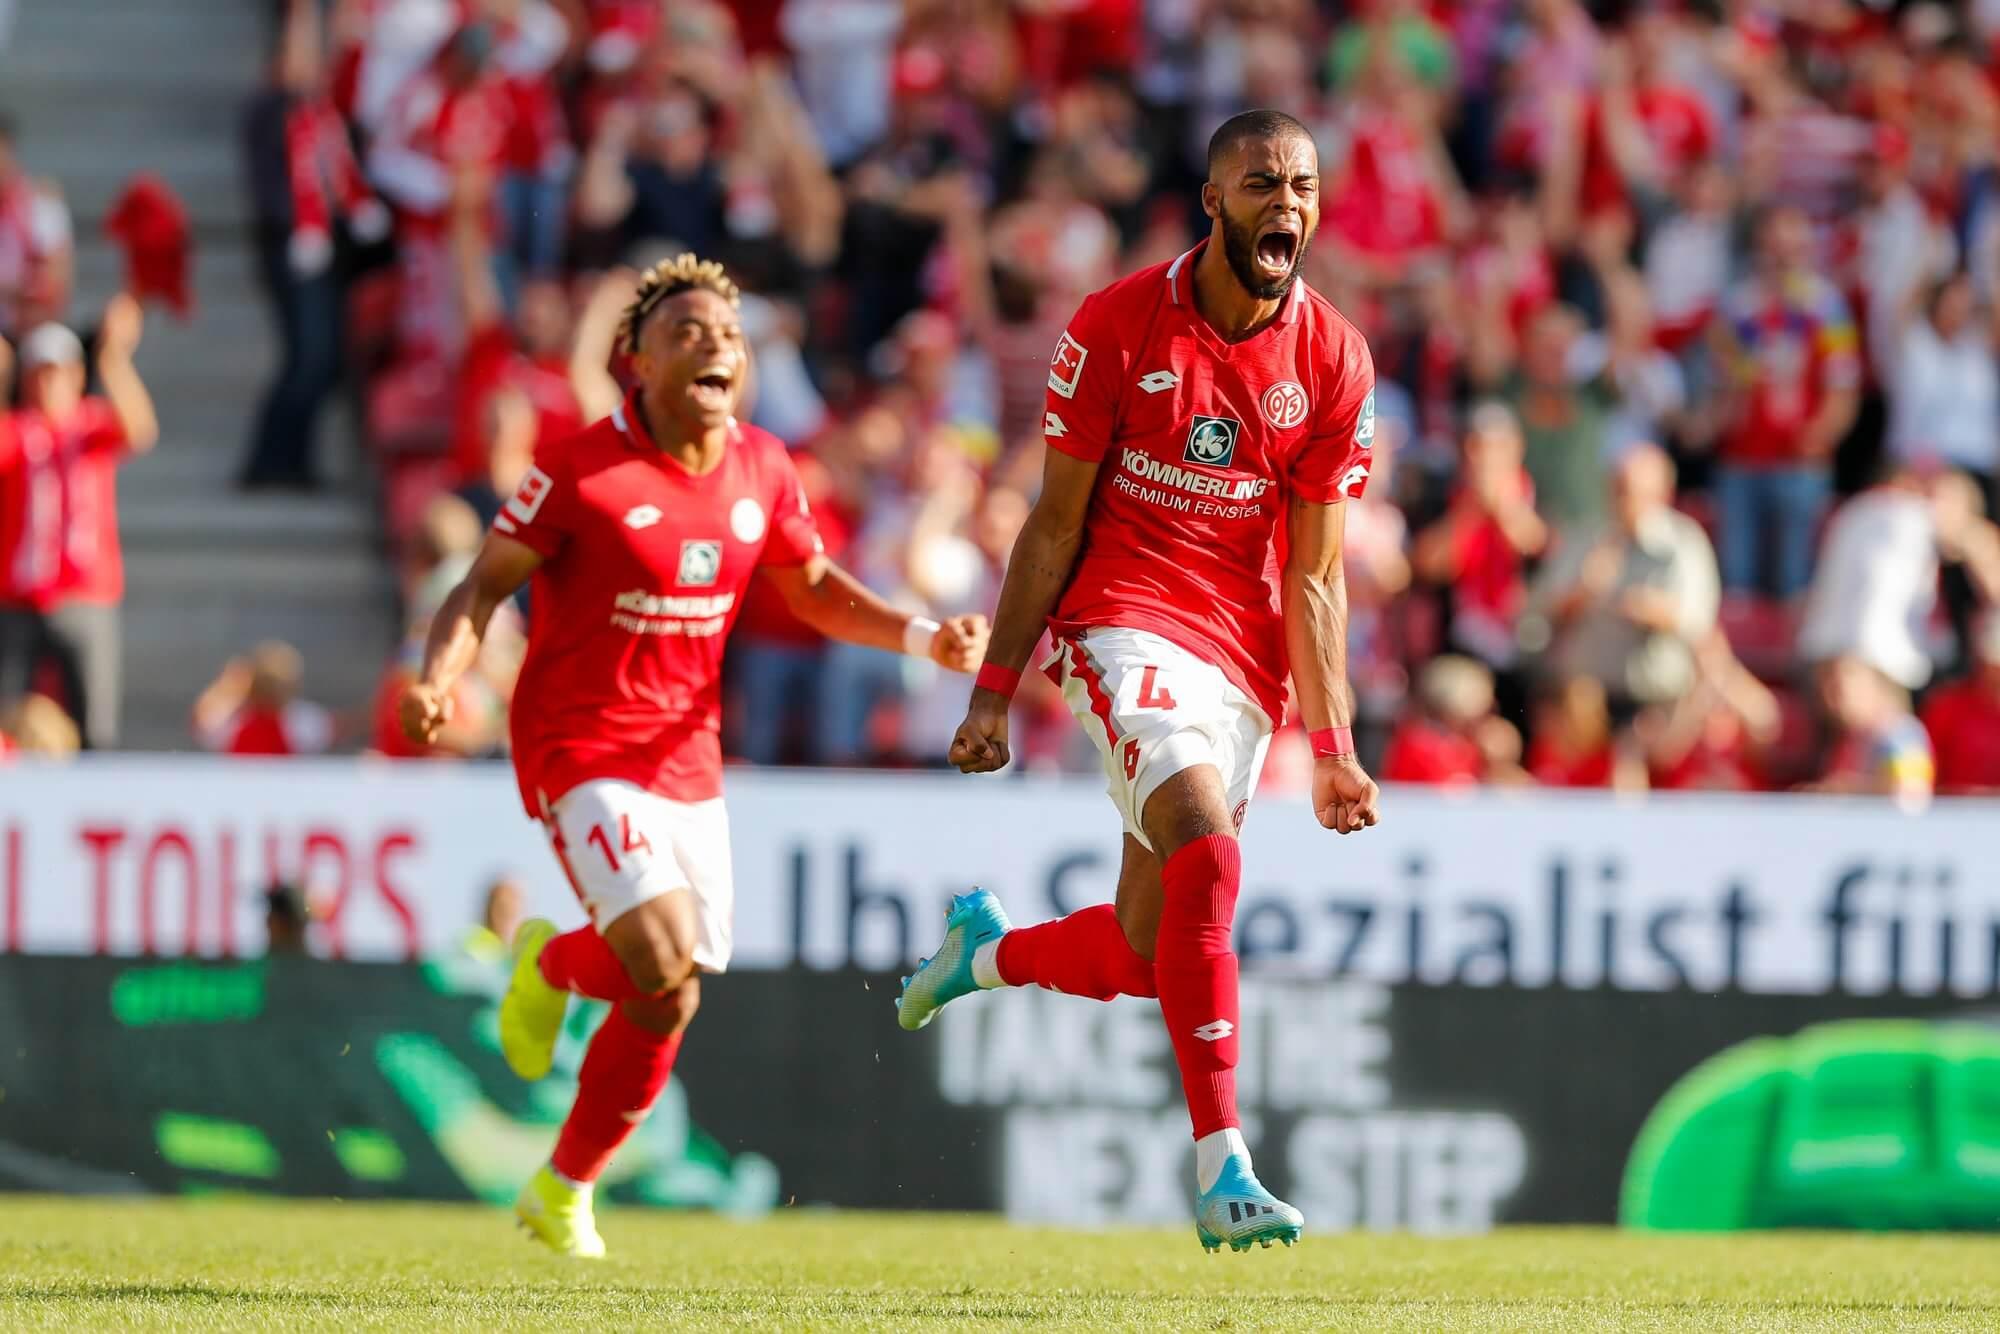 Mainz vs Hertha BSC